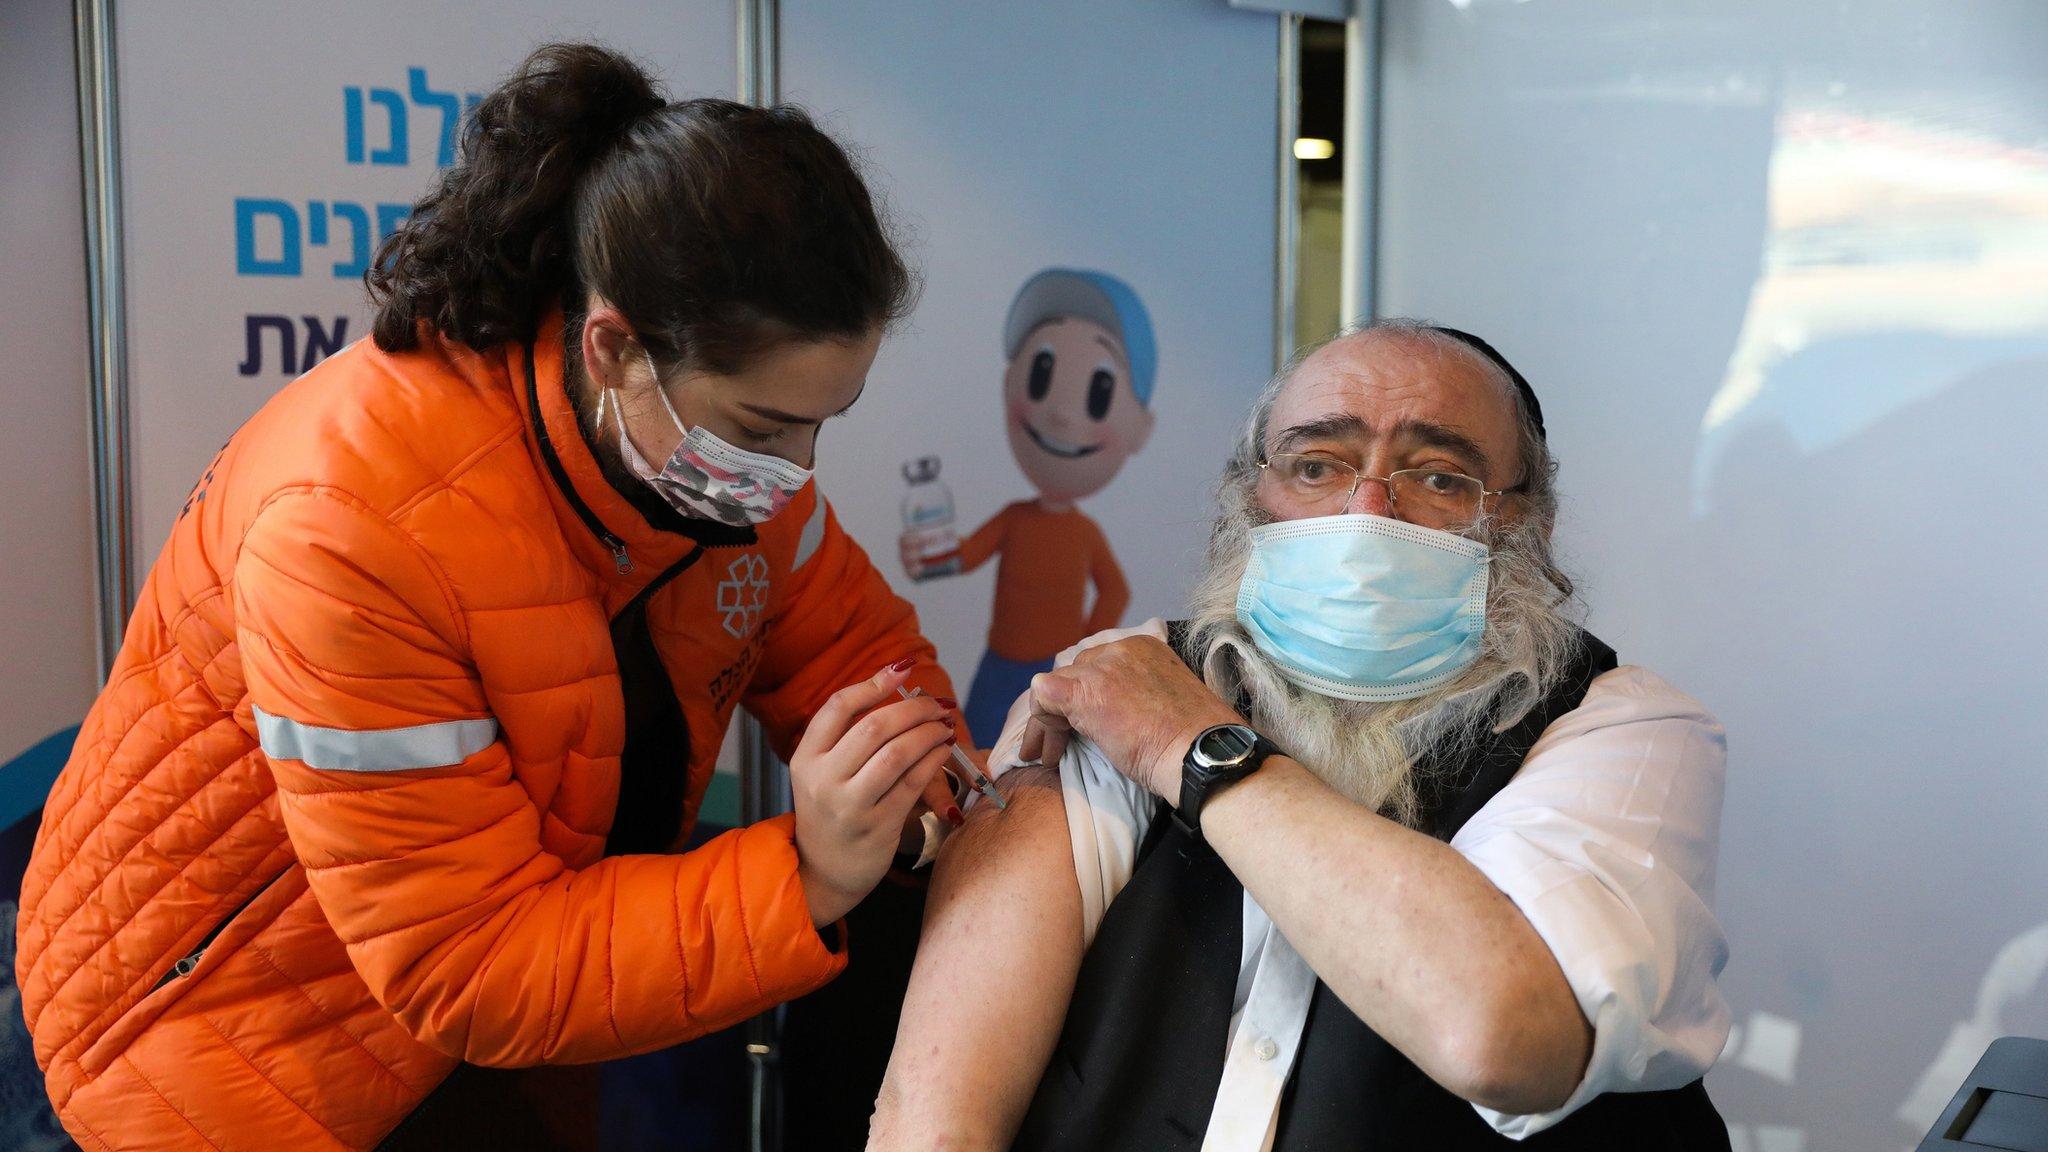 Израиль ослабляет карантин из-за успехов вакцинации от COVID-19